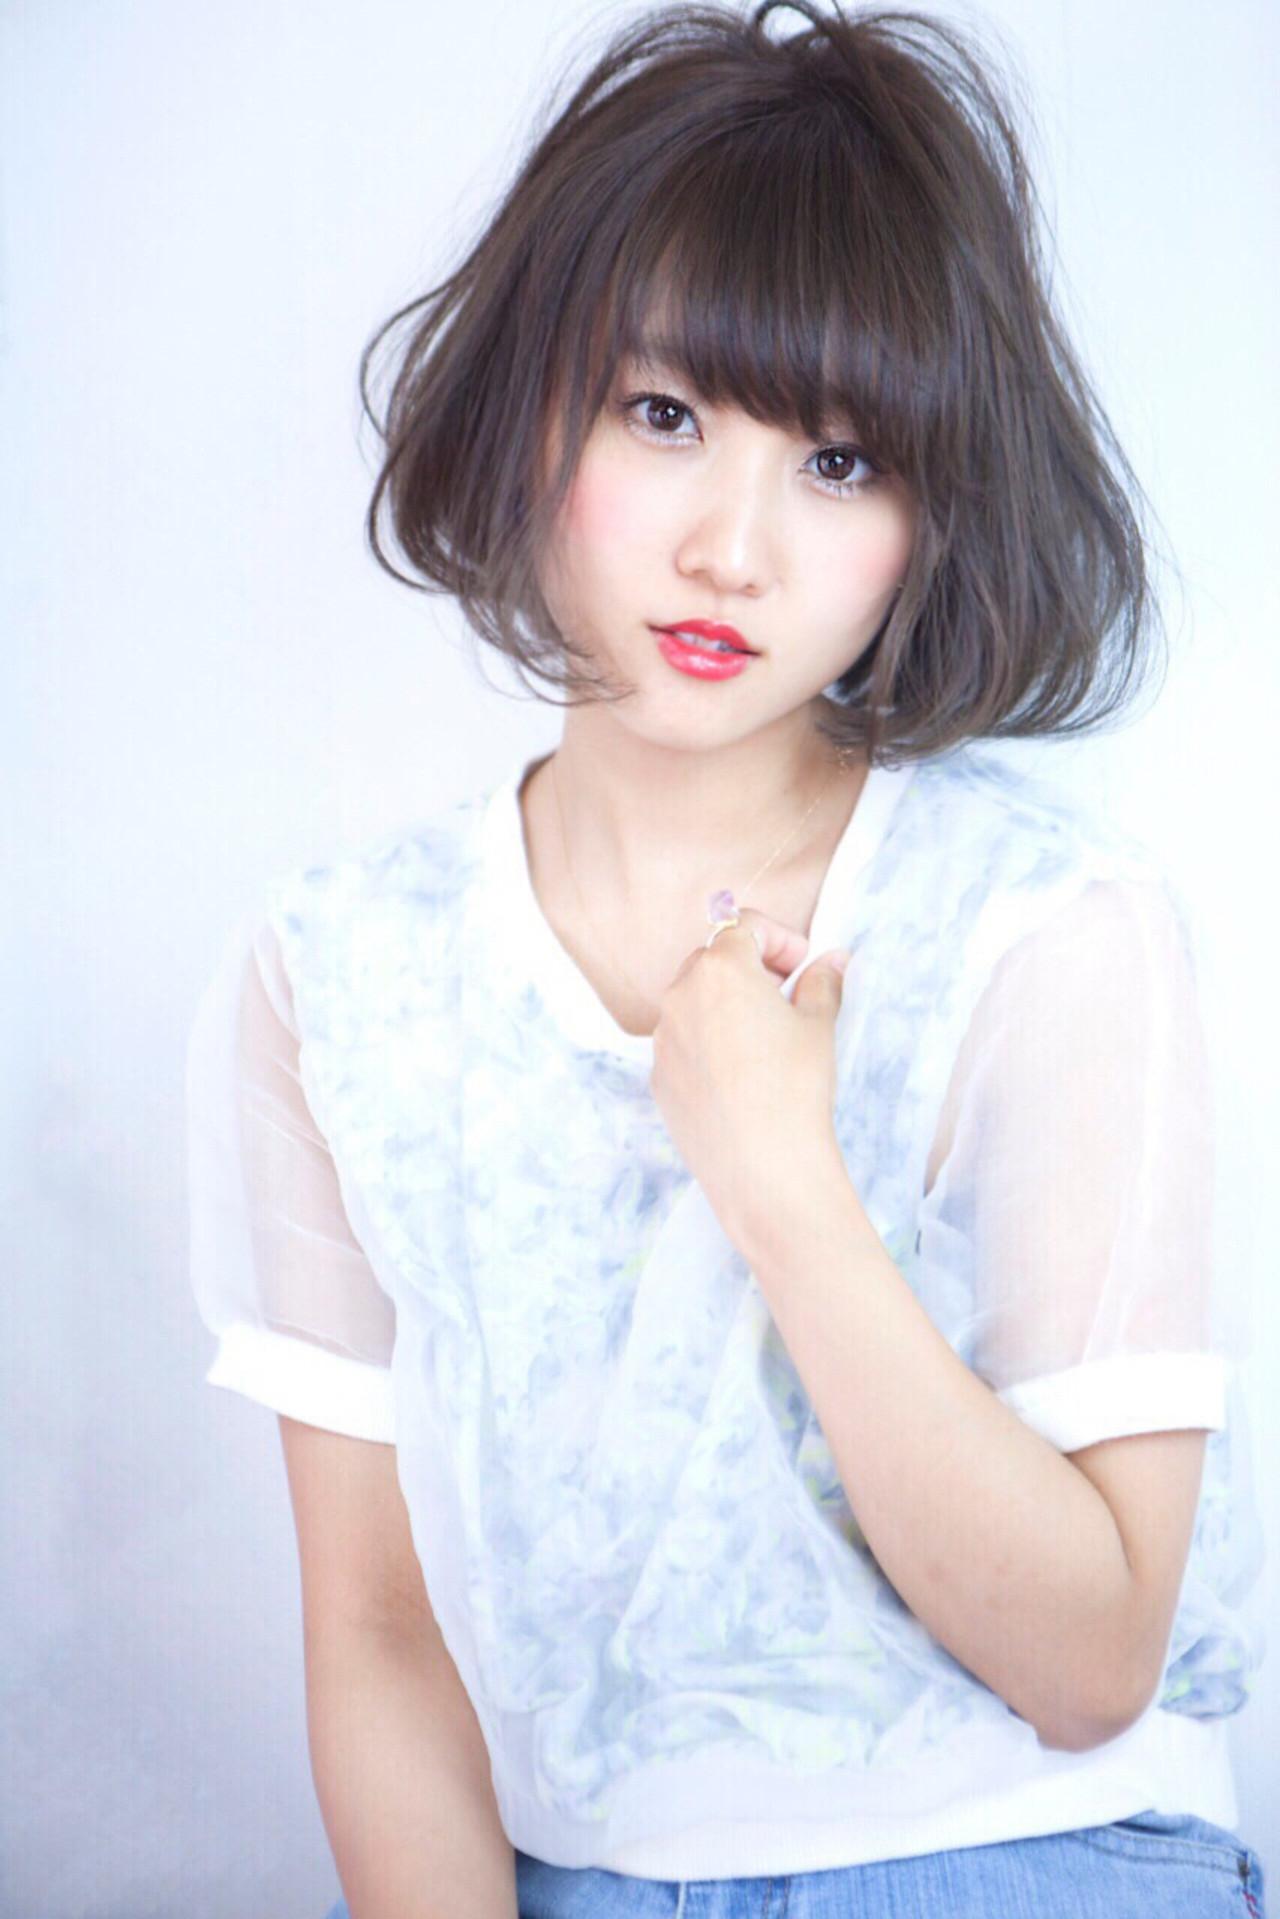 アッシュ ナチュラル デート ショートボブ ヘアスタイルや髪型の写真・画像 | Ayumi /